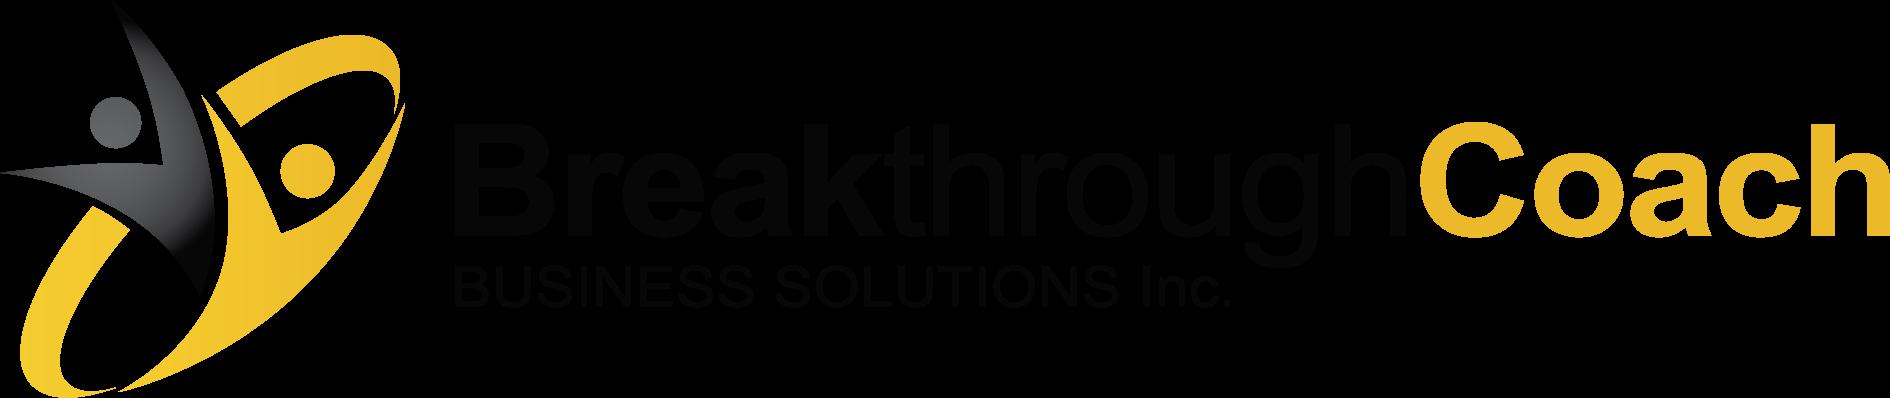 Breakthrough Coach logo